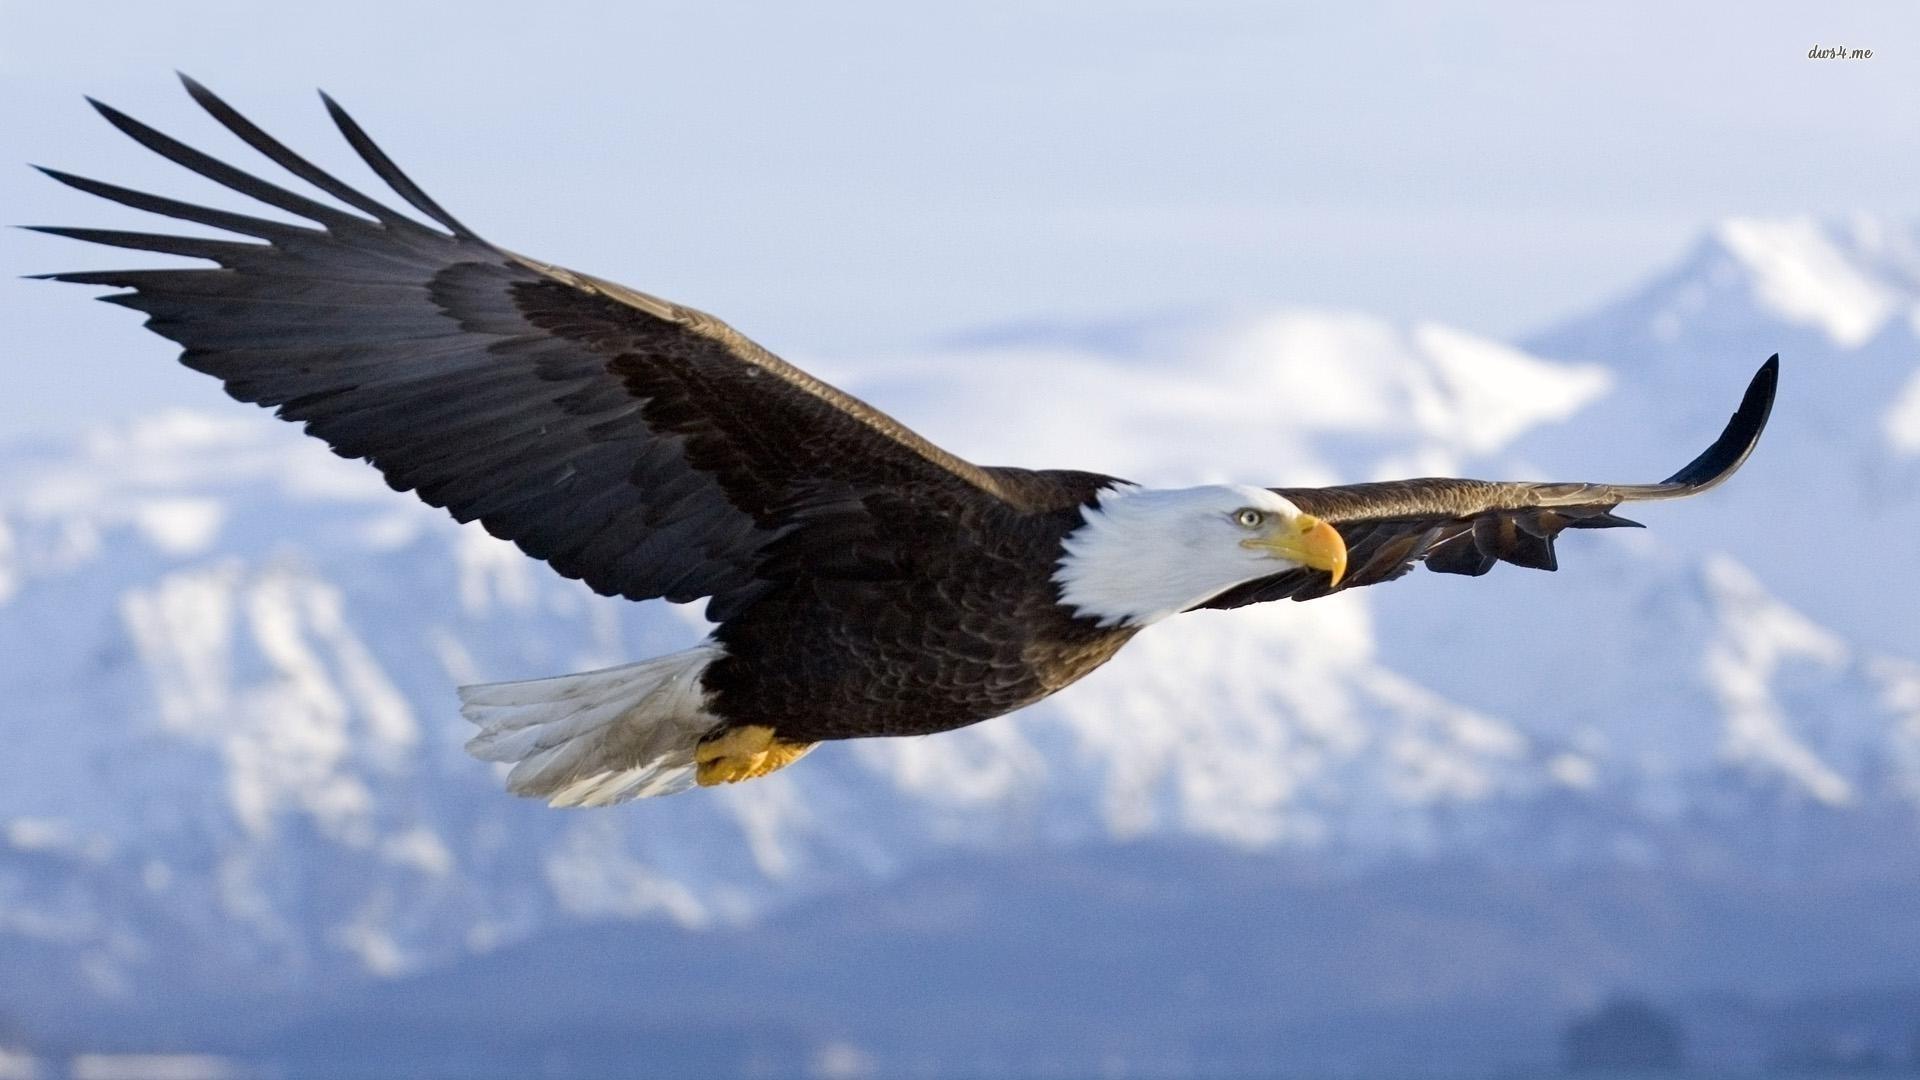 eagle new photos